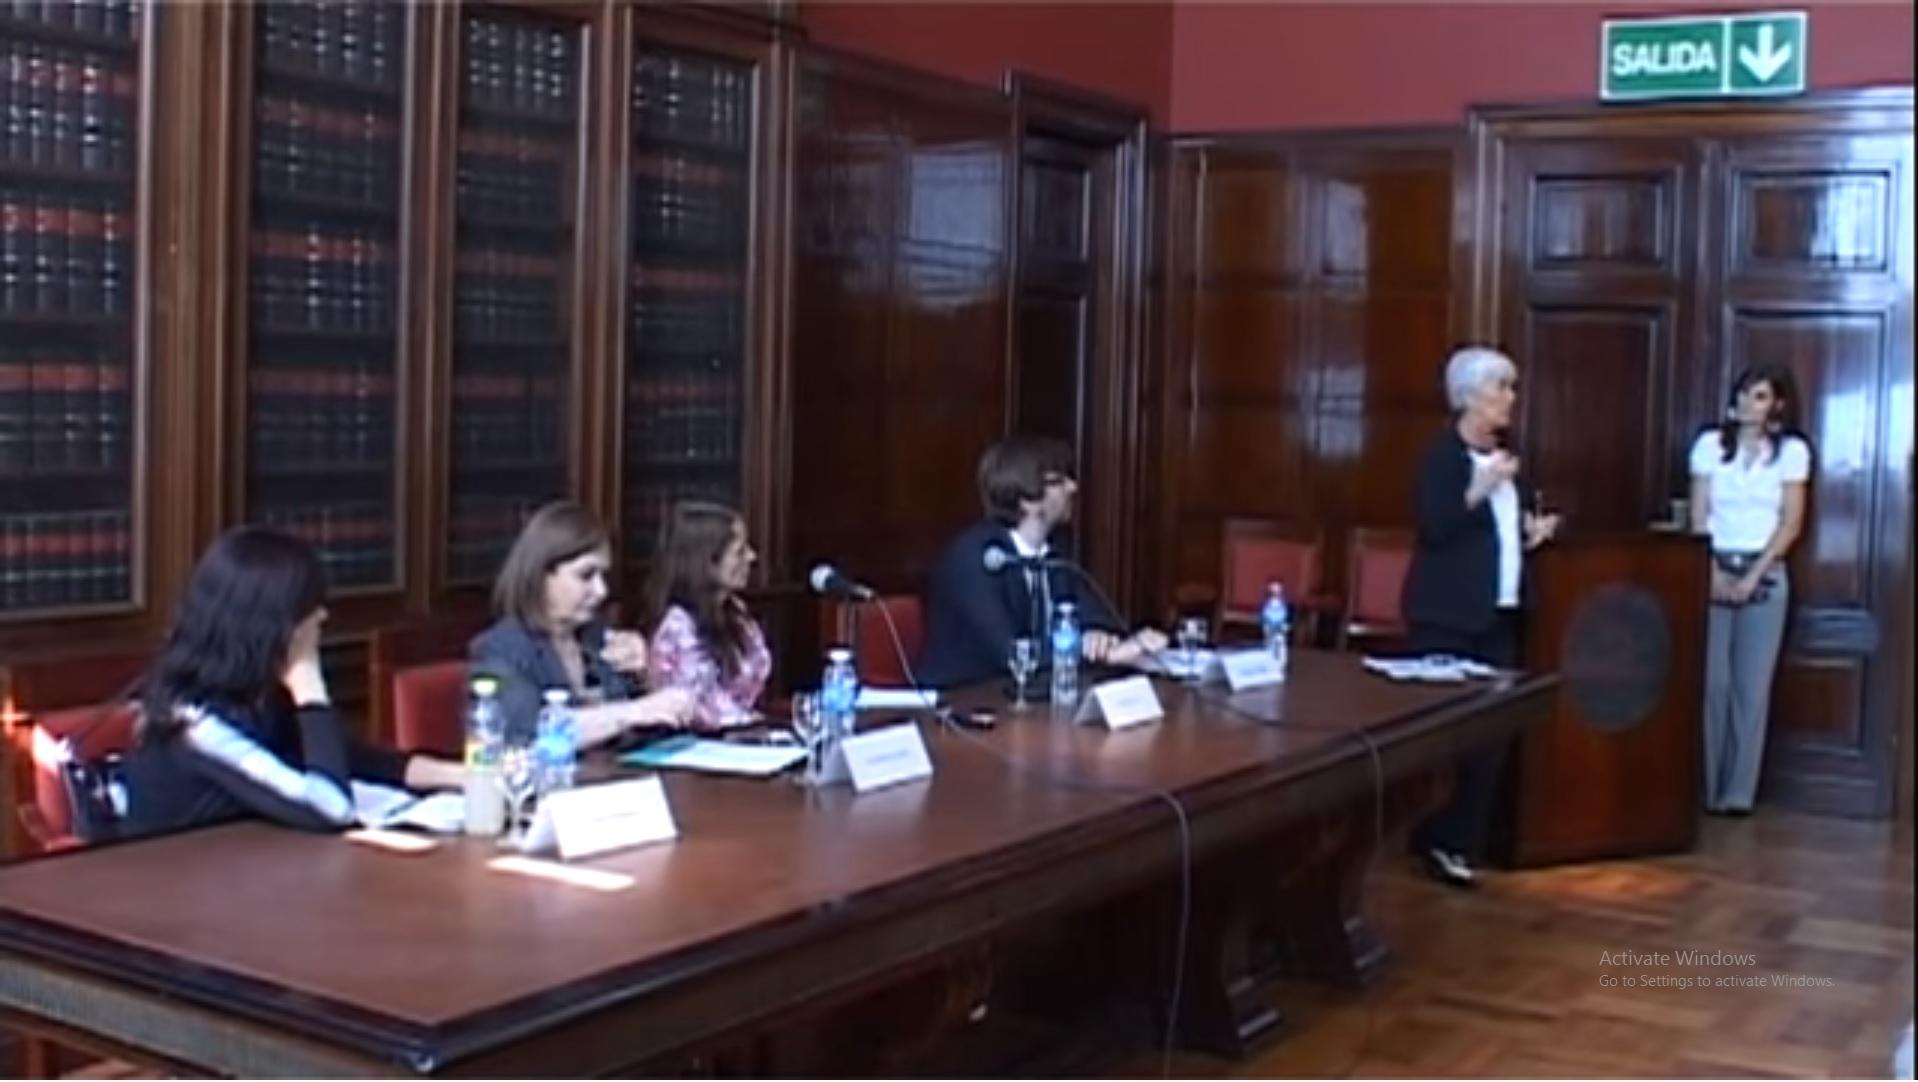 Congreso de Derechos Humanos: Derechos económicos, sociales y culturales